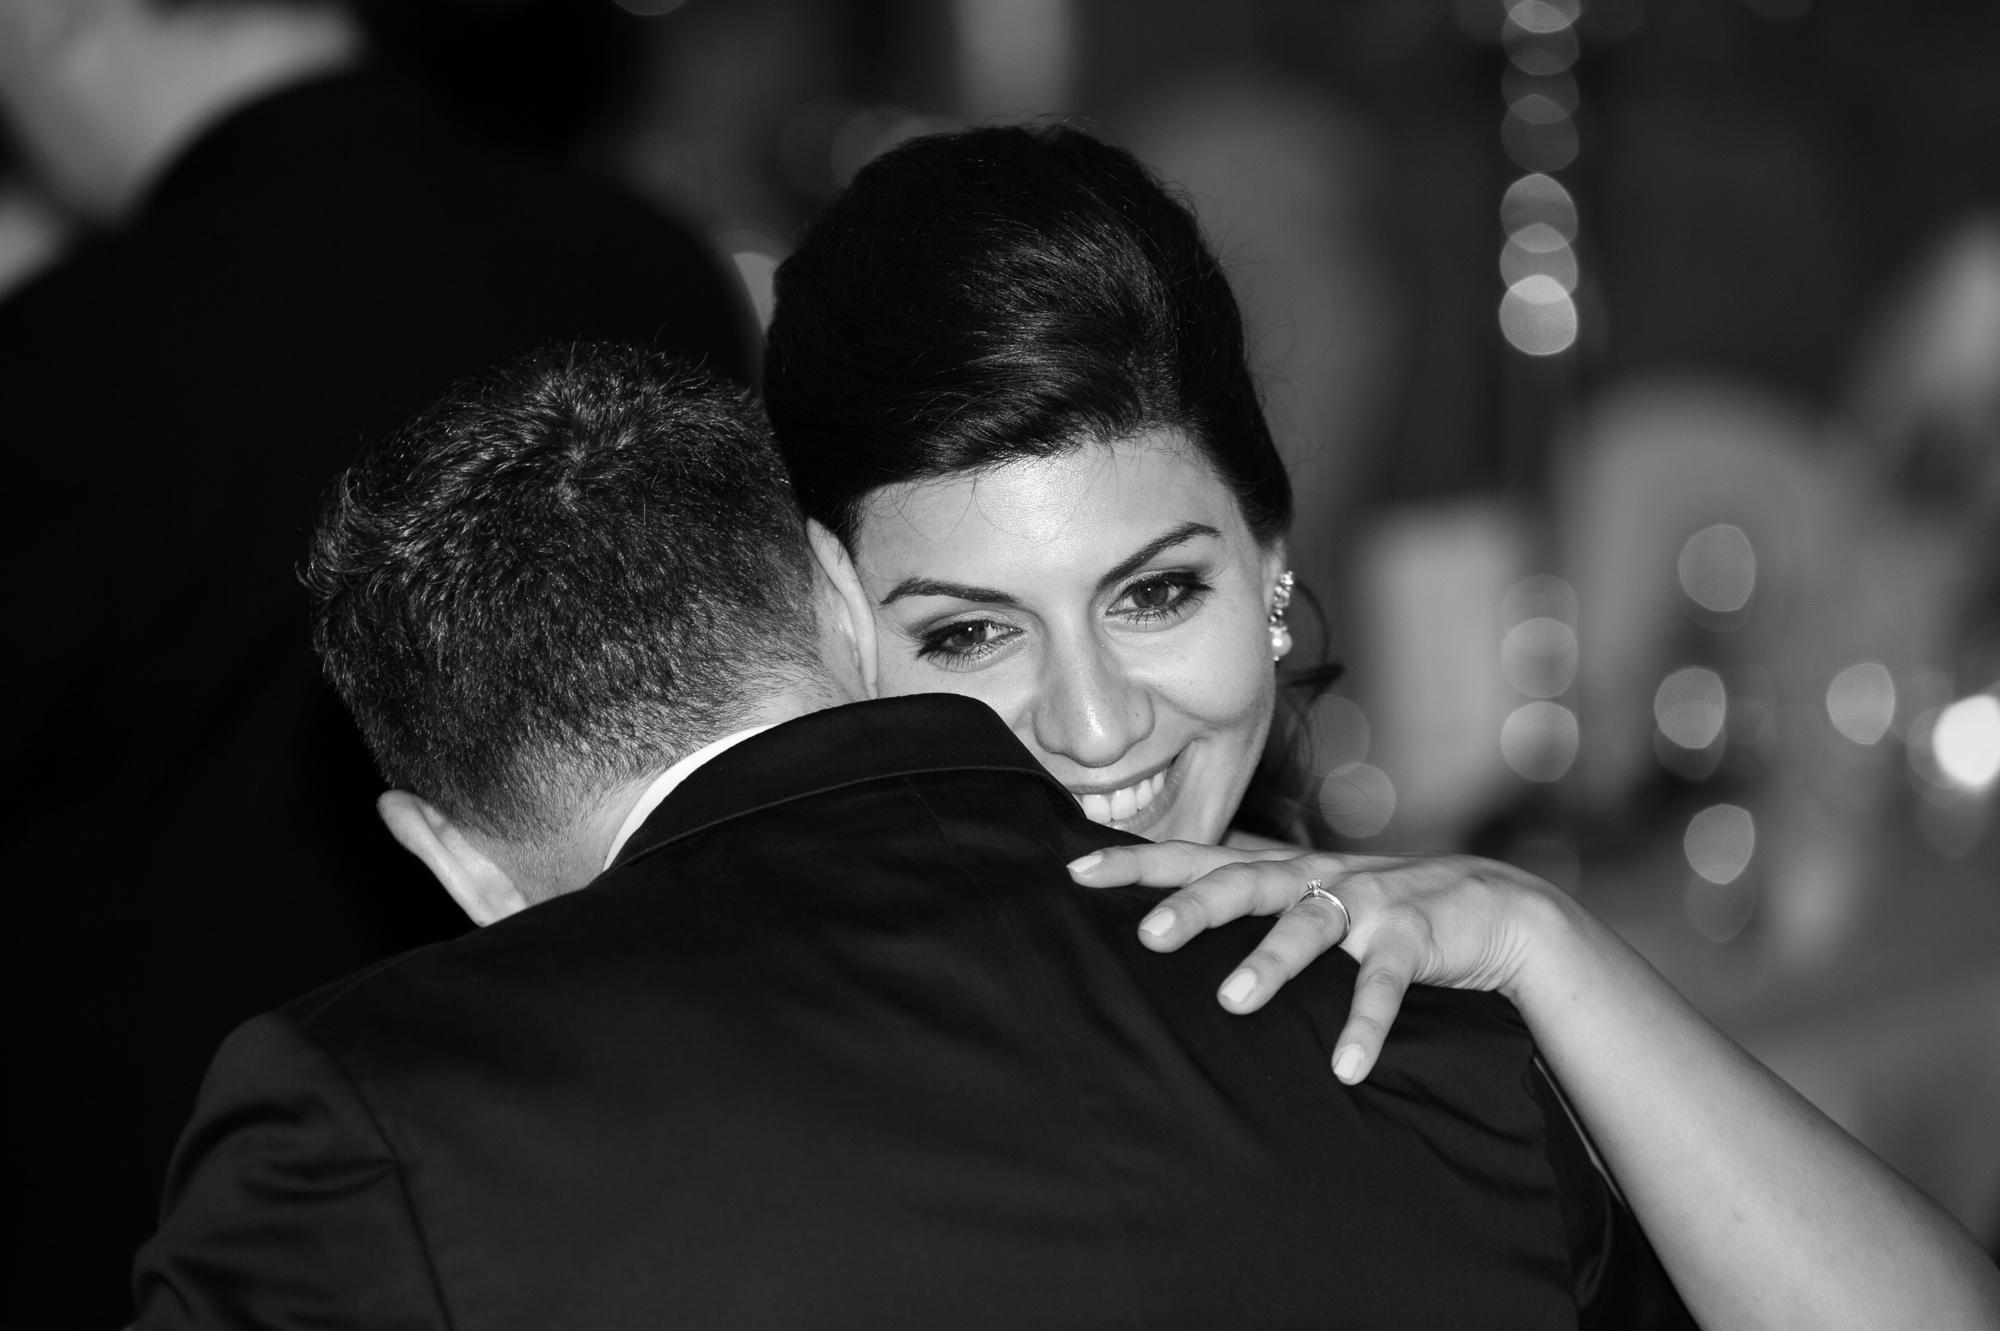 Hochzeit B2000  7155 279 - Strickroth & Fiege Fotografie